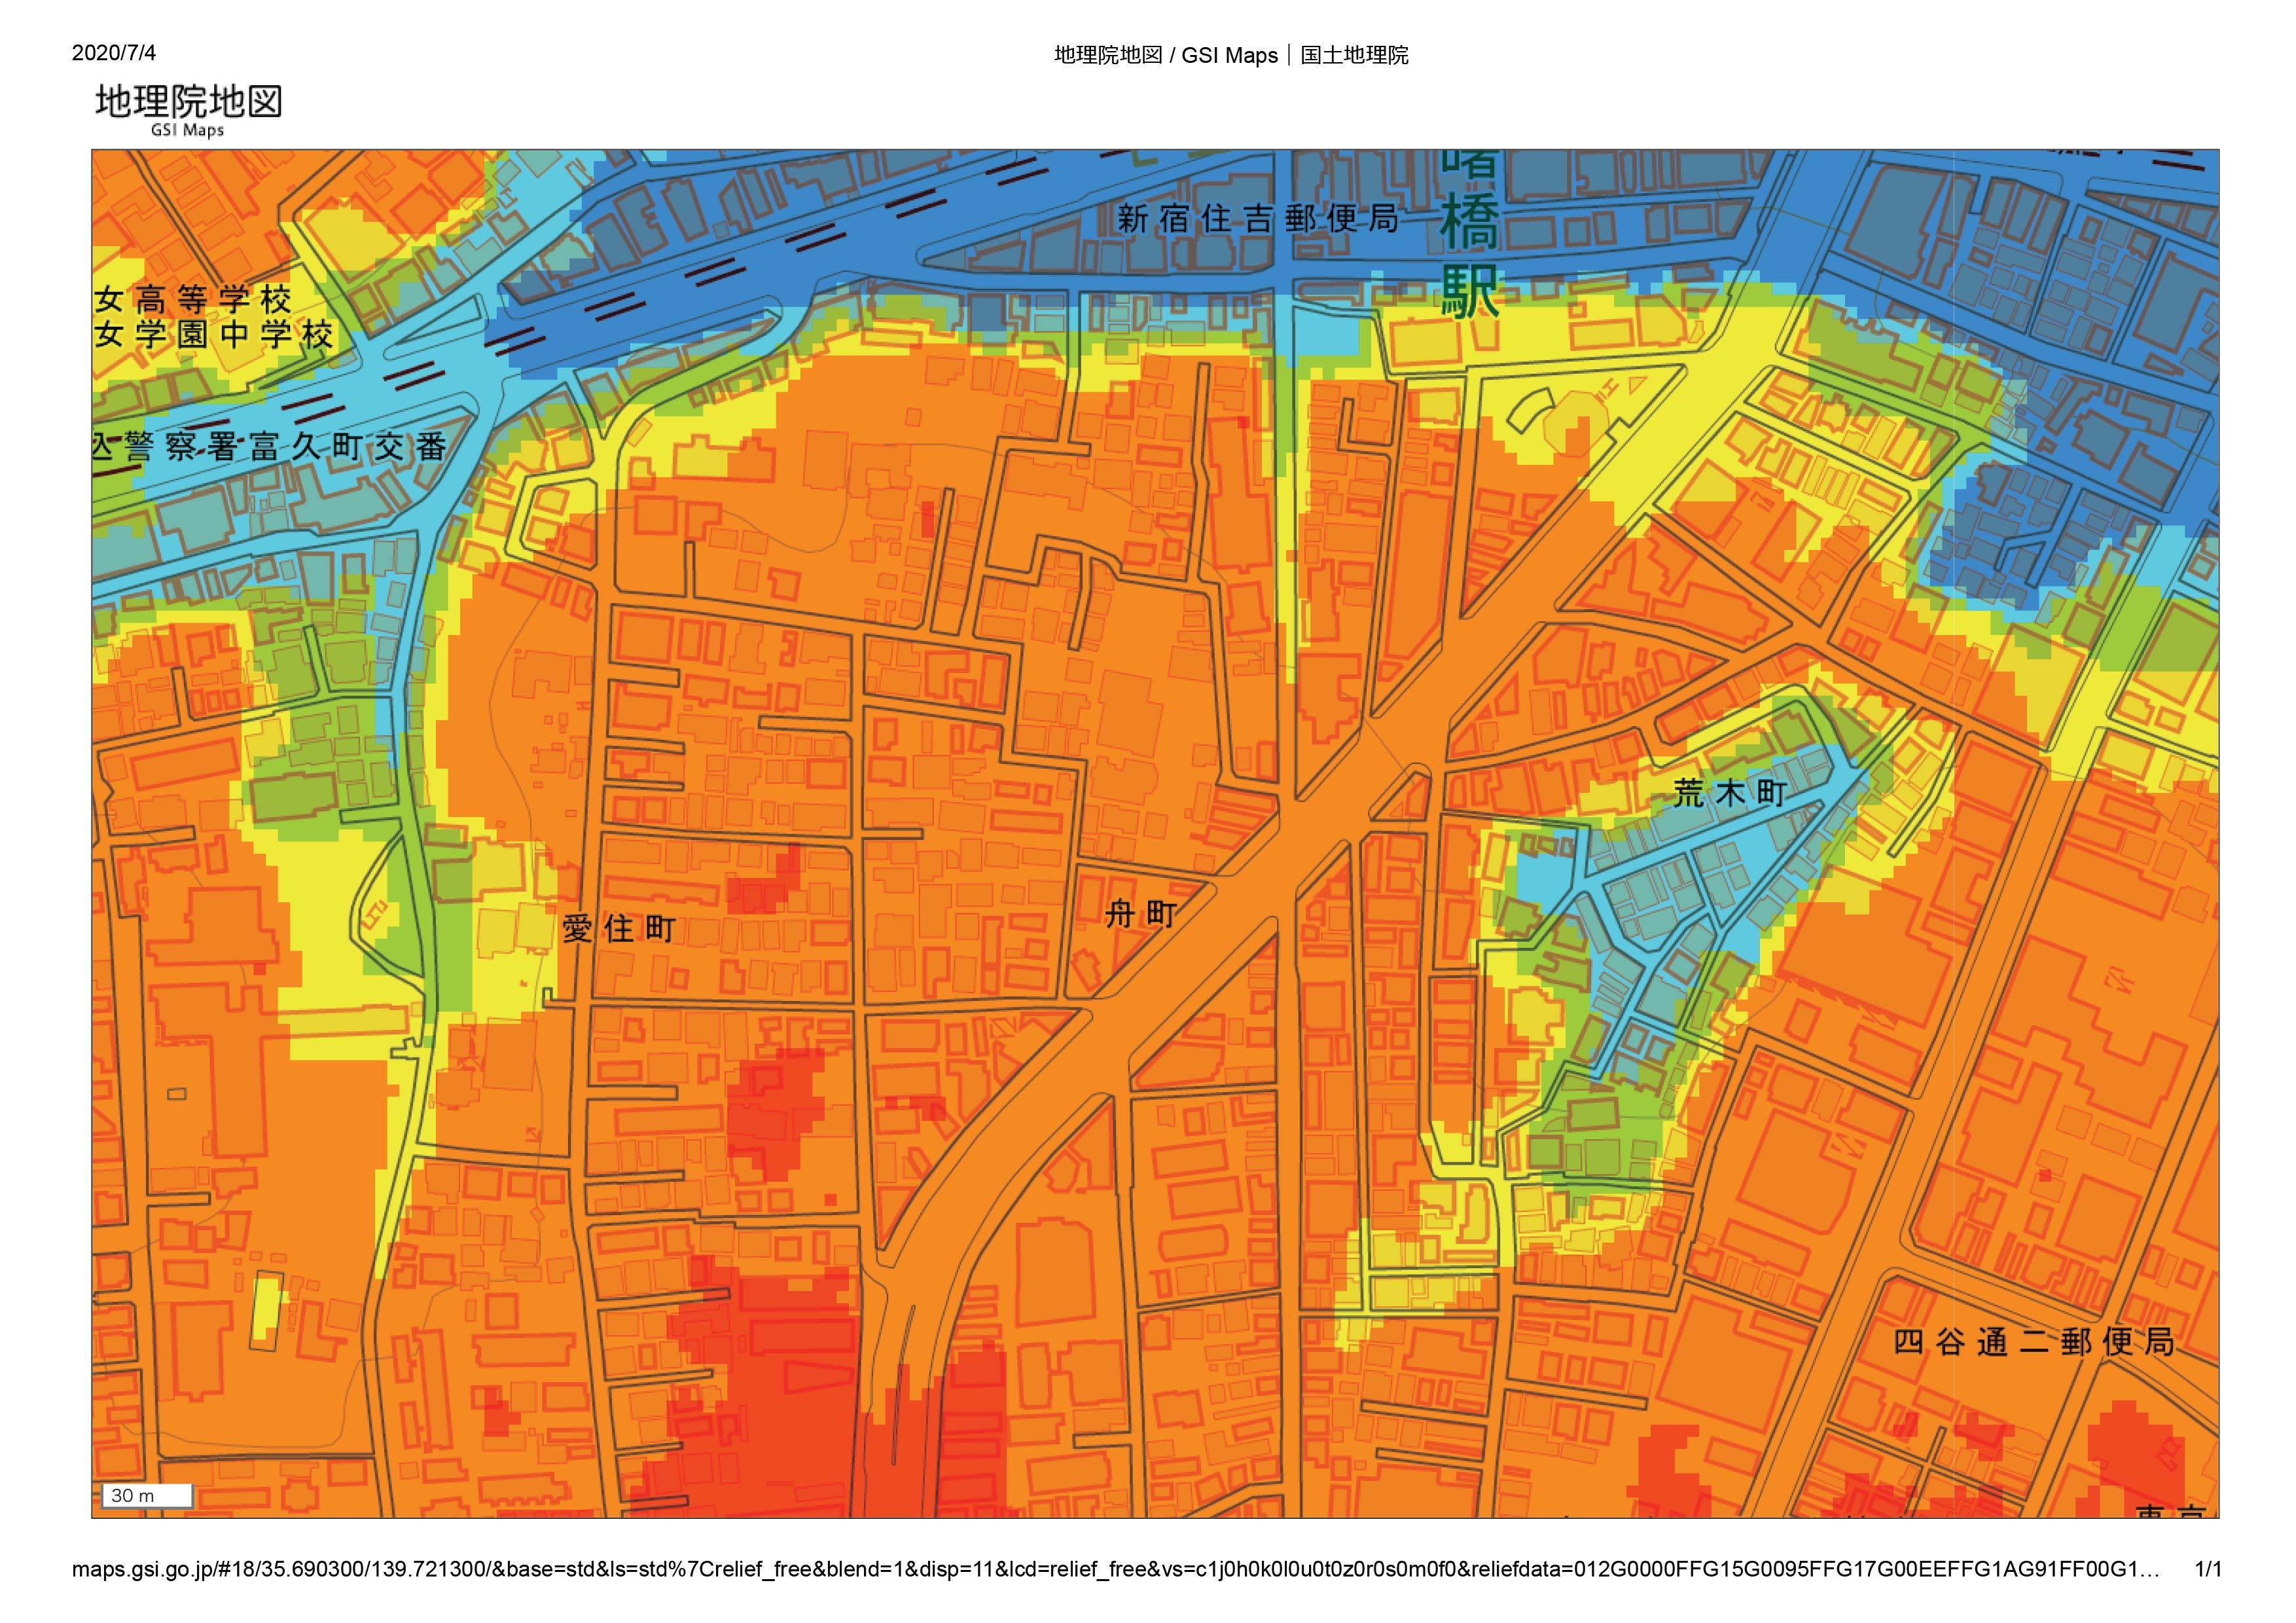 地理院地図 _ GSI Maps|国土地理院